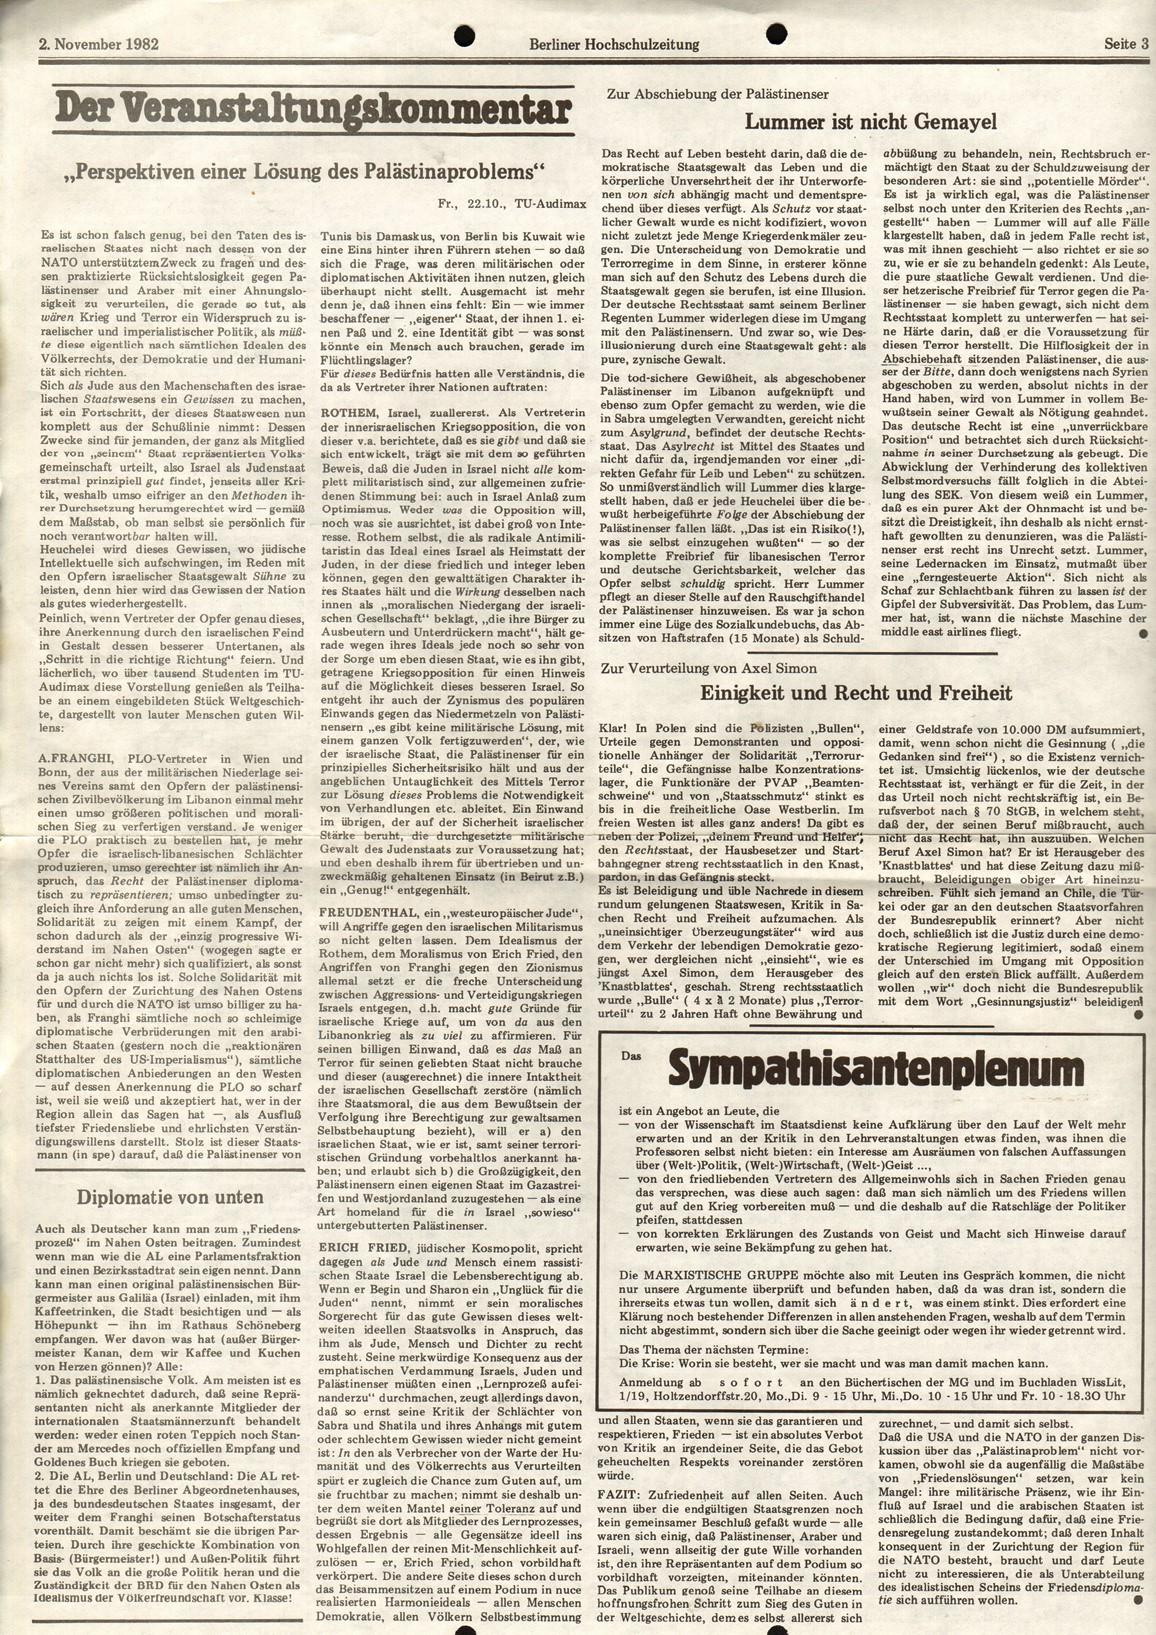 Berlin_MG_Hochschulzeitung_19821102_03